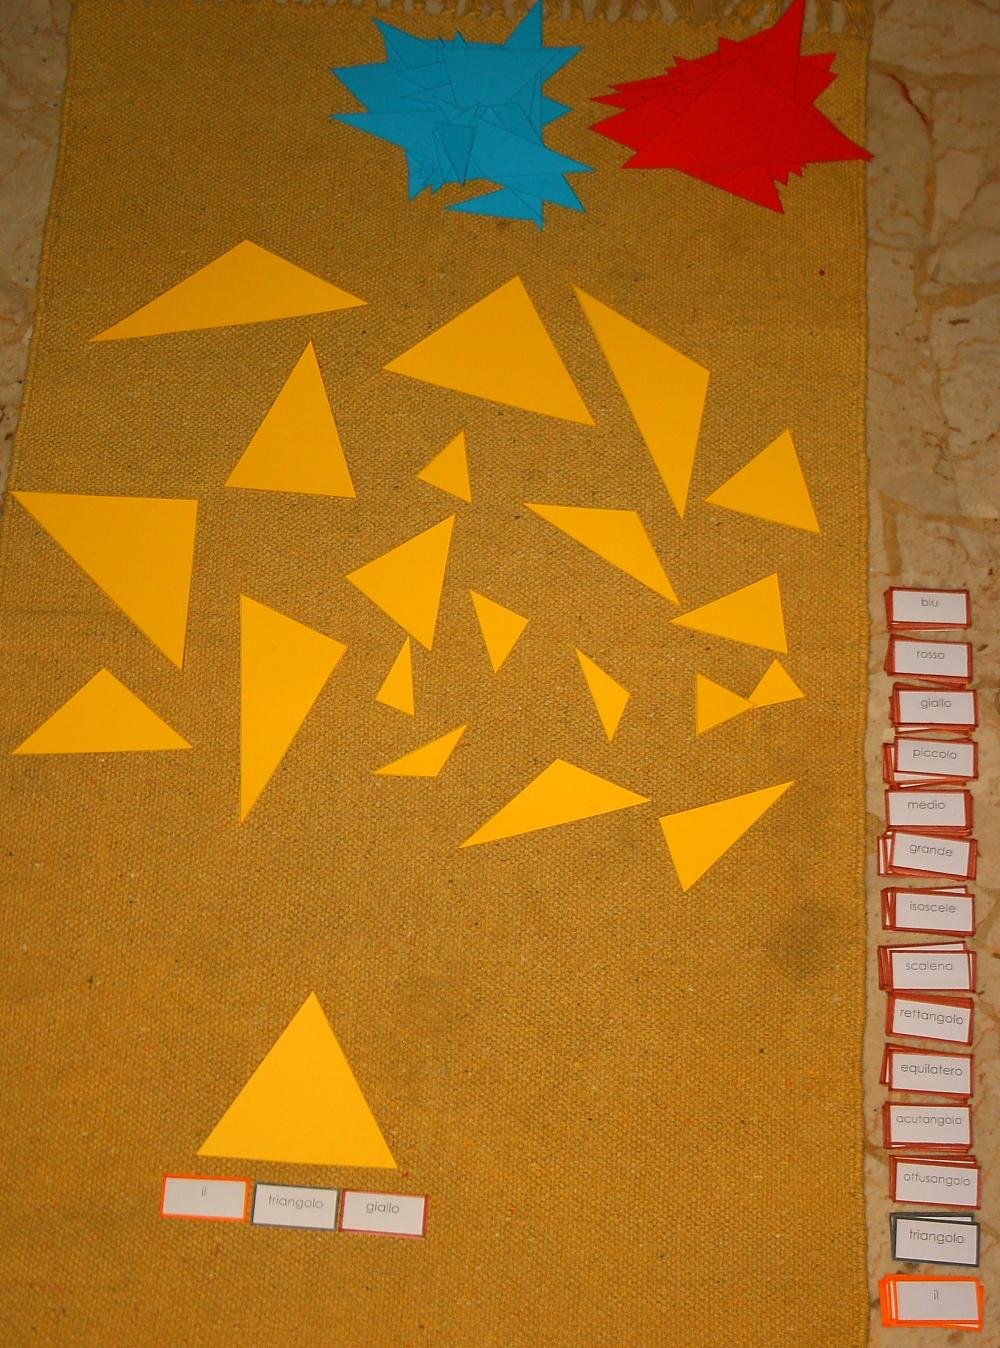 Psicogrammatica Montessori: giochi logici per l'aggettivo